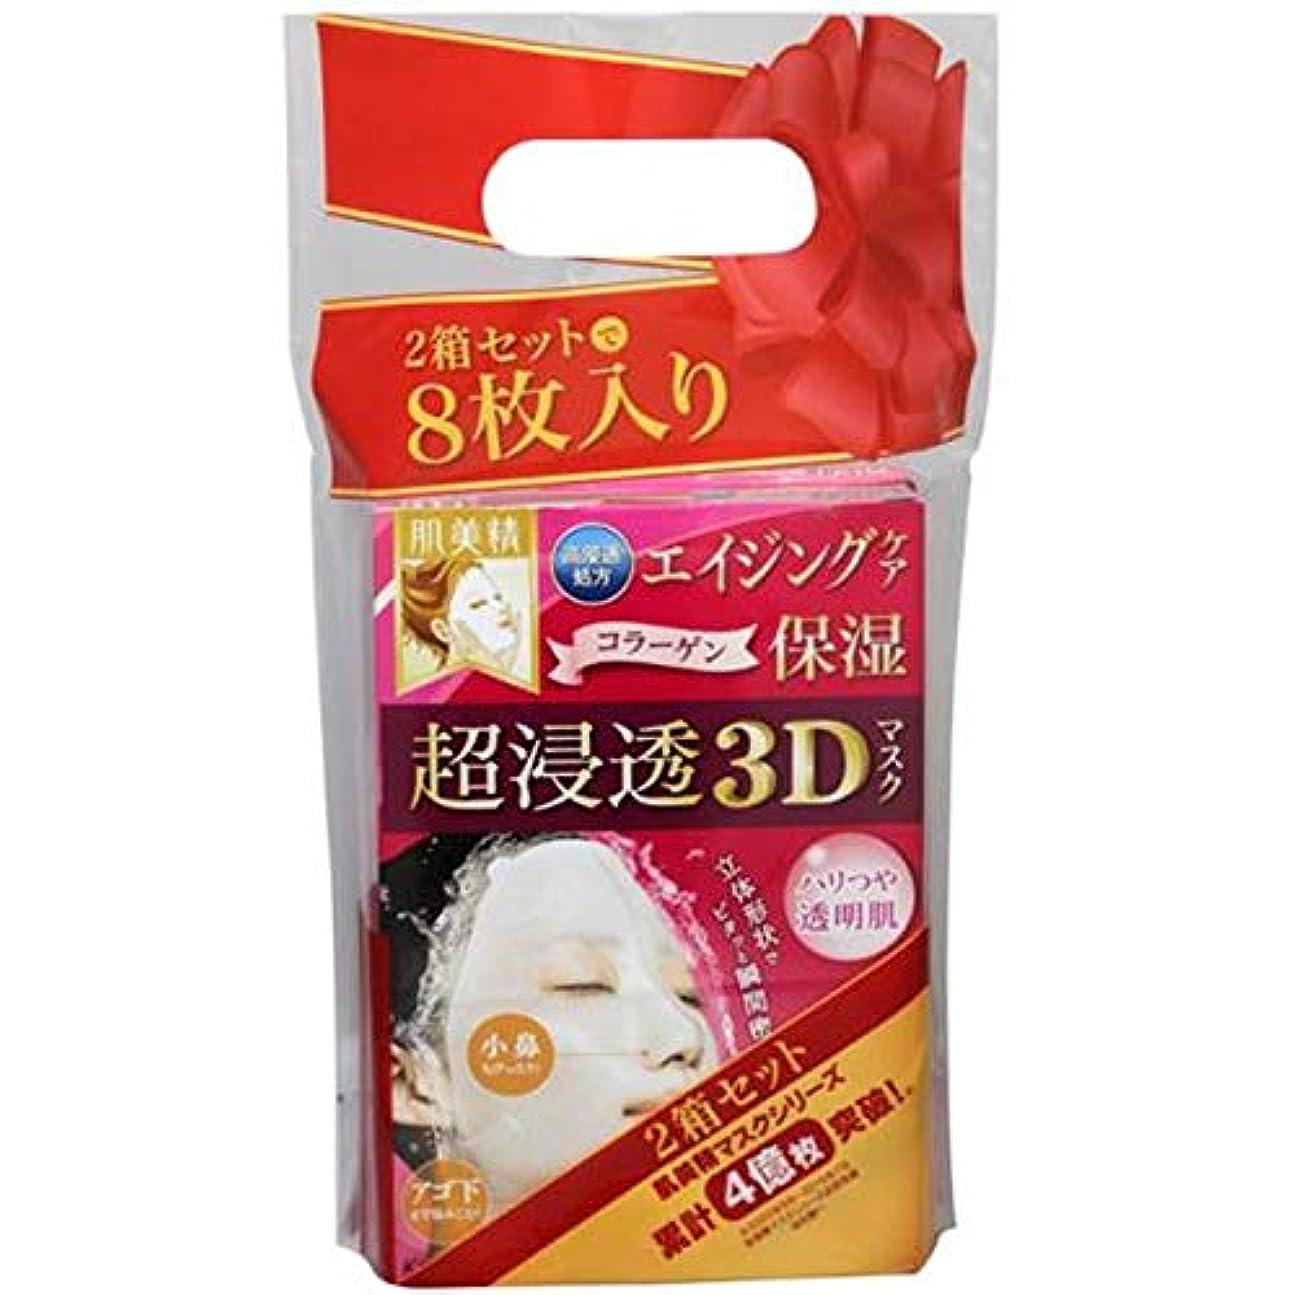 失態祝うファシズム【数量限定!お買い得セット!】肌美精 超浸透3Dマスク エイジングケア保湿 2個セット